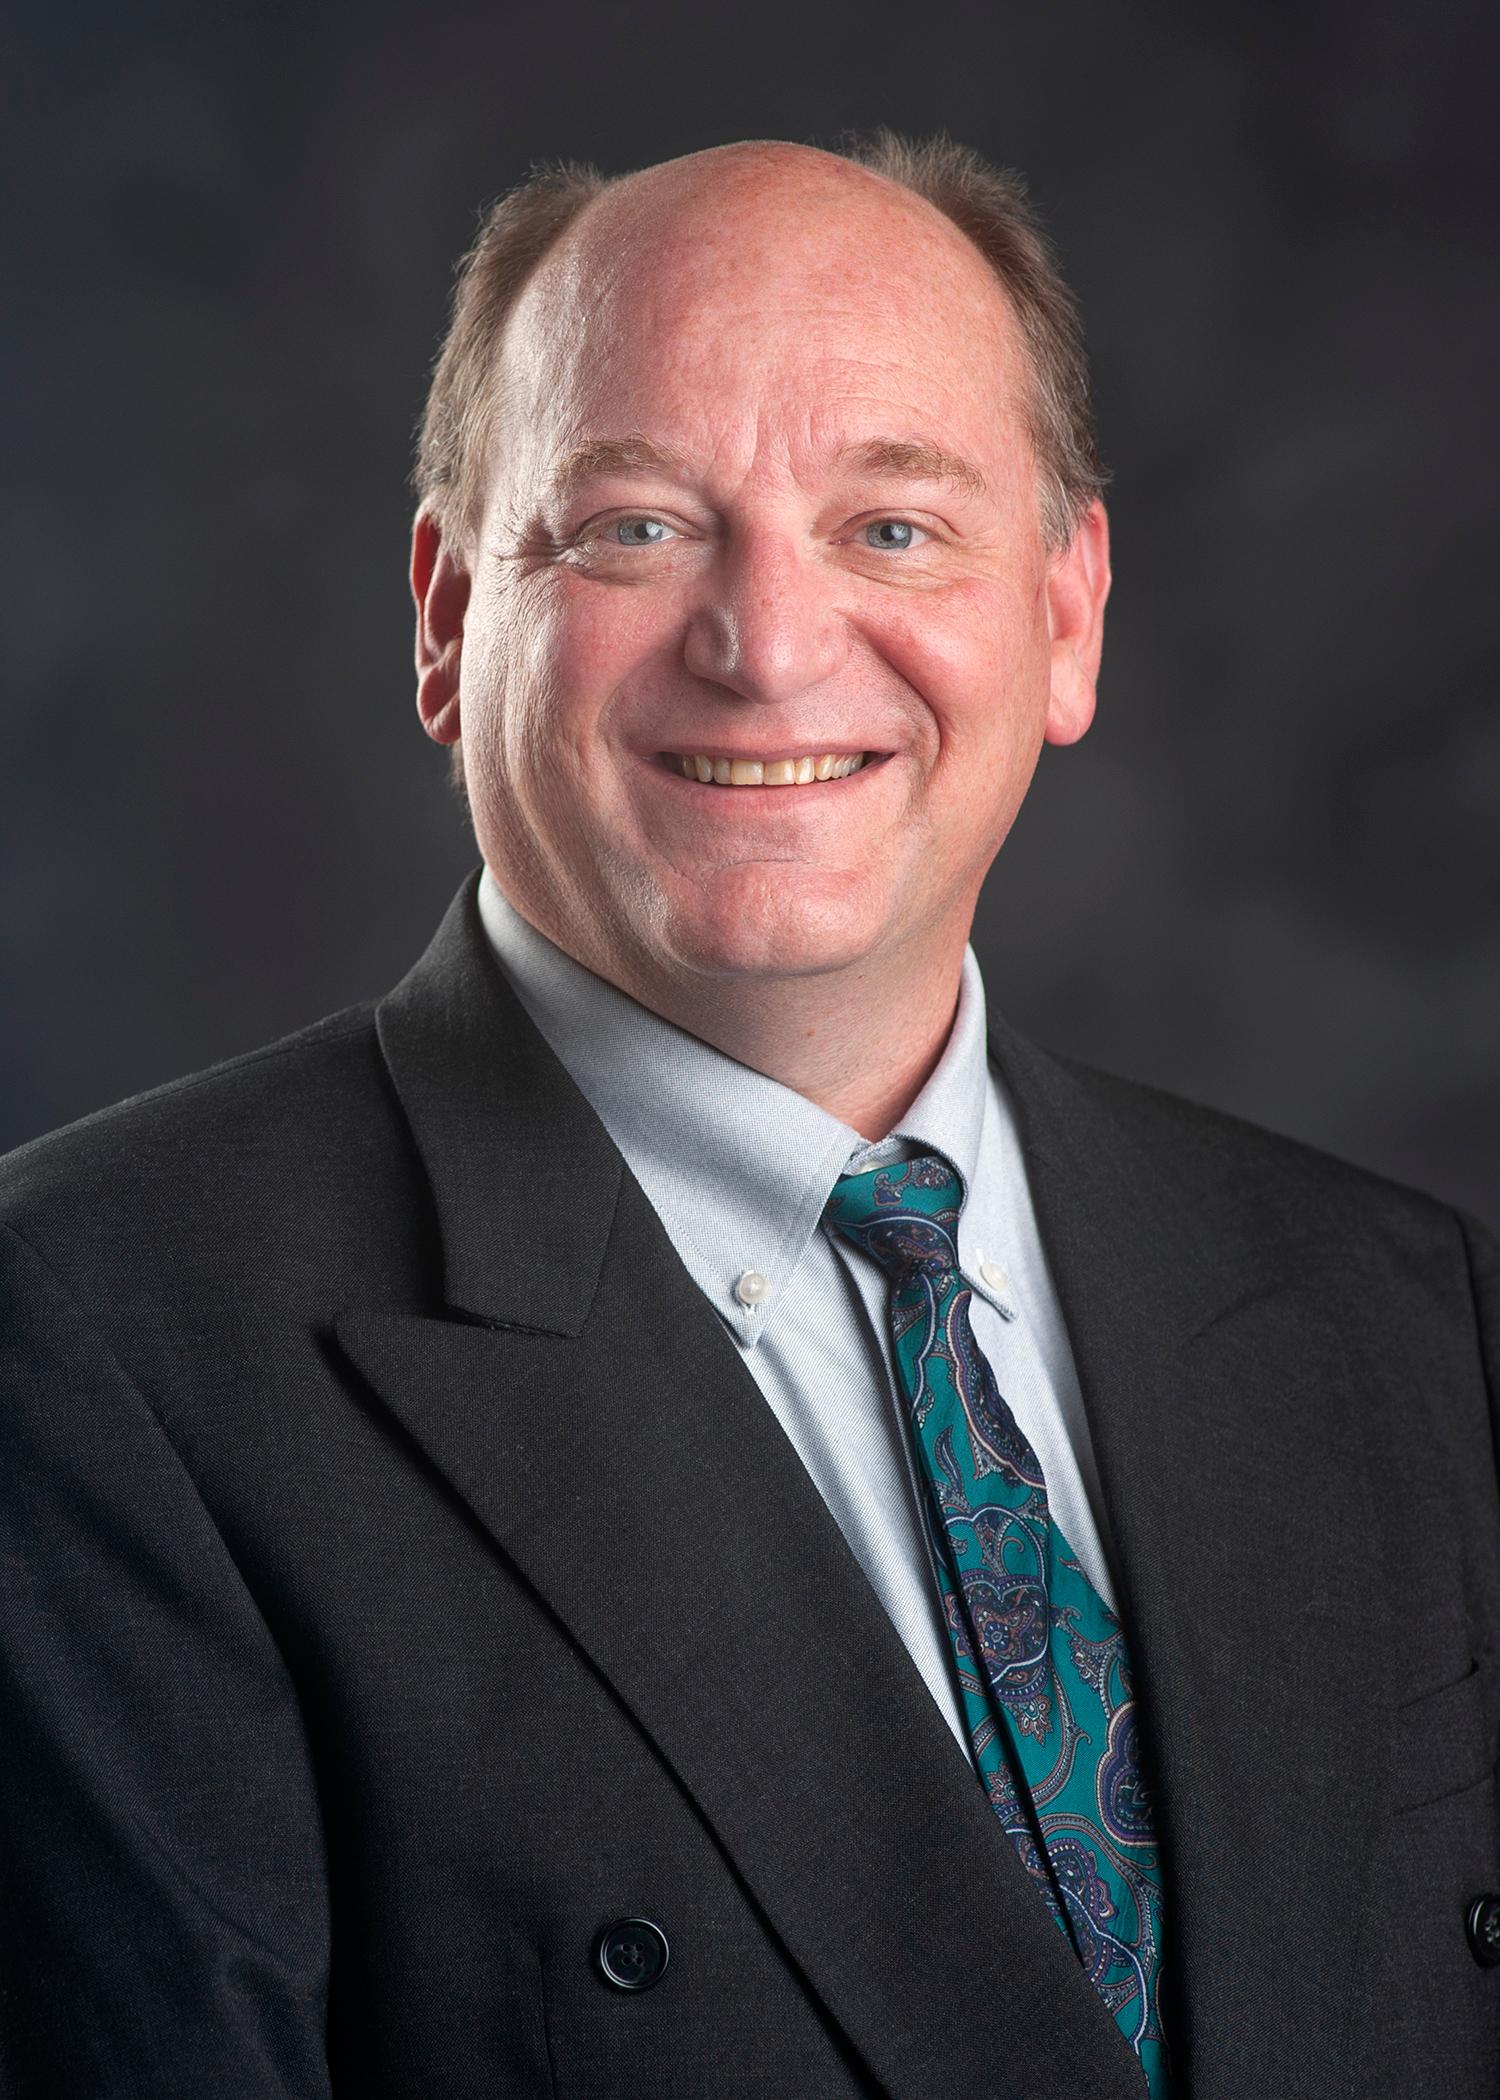 Dr. John Nicholson